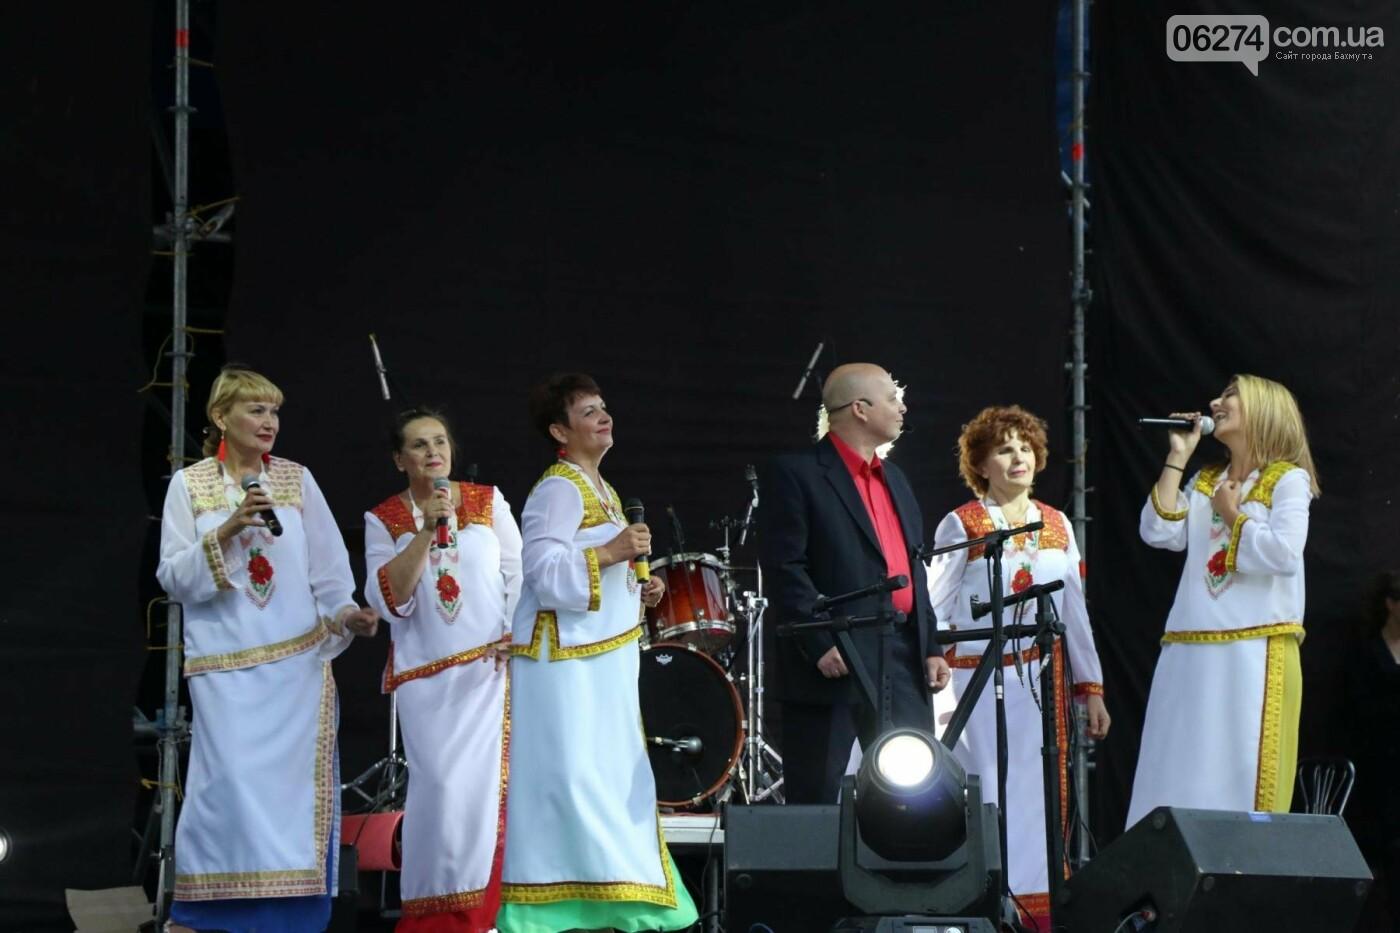 Ярким концертом завершился День города в Бахмуте (ФОТО), фото-6